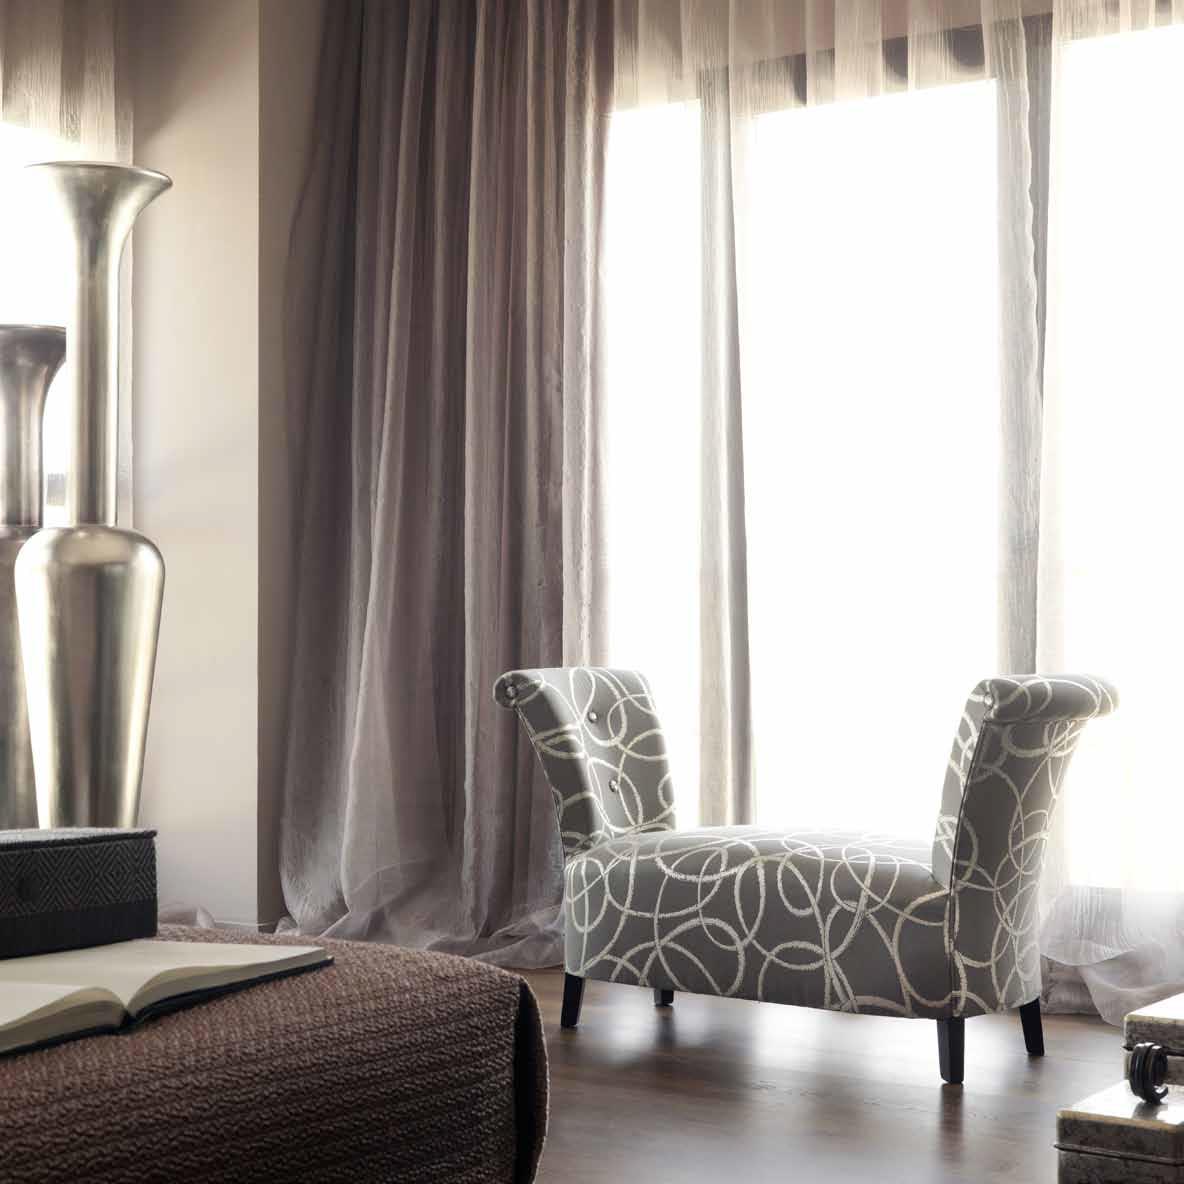 Las banquetas son ideales para el dormitorio – Villalba Interiorismo